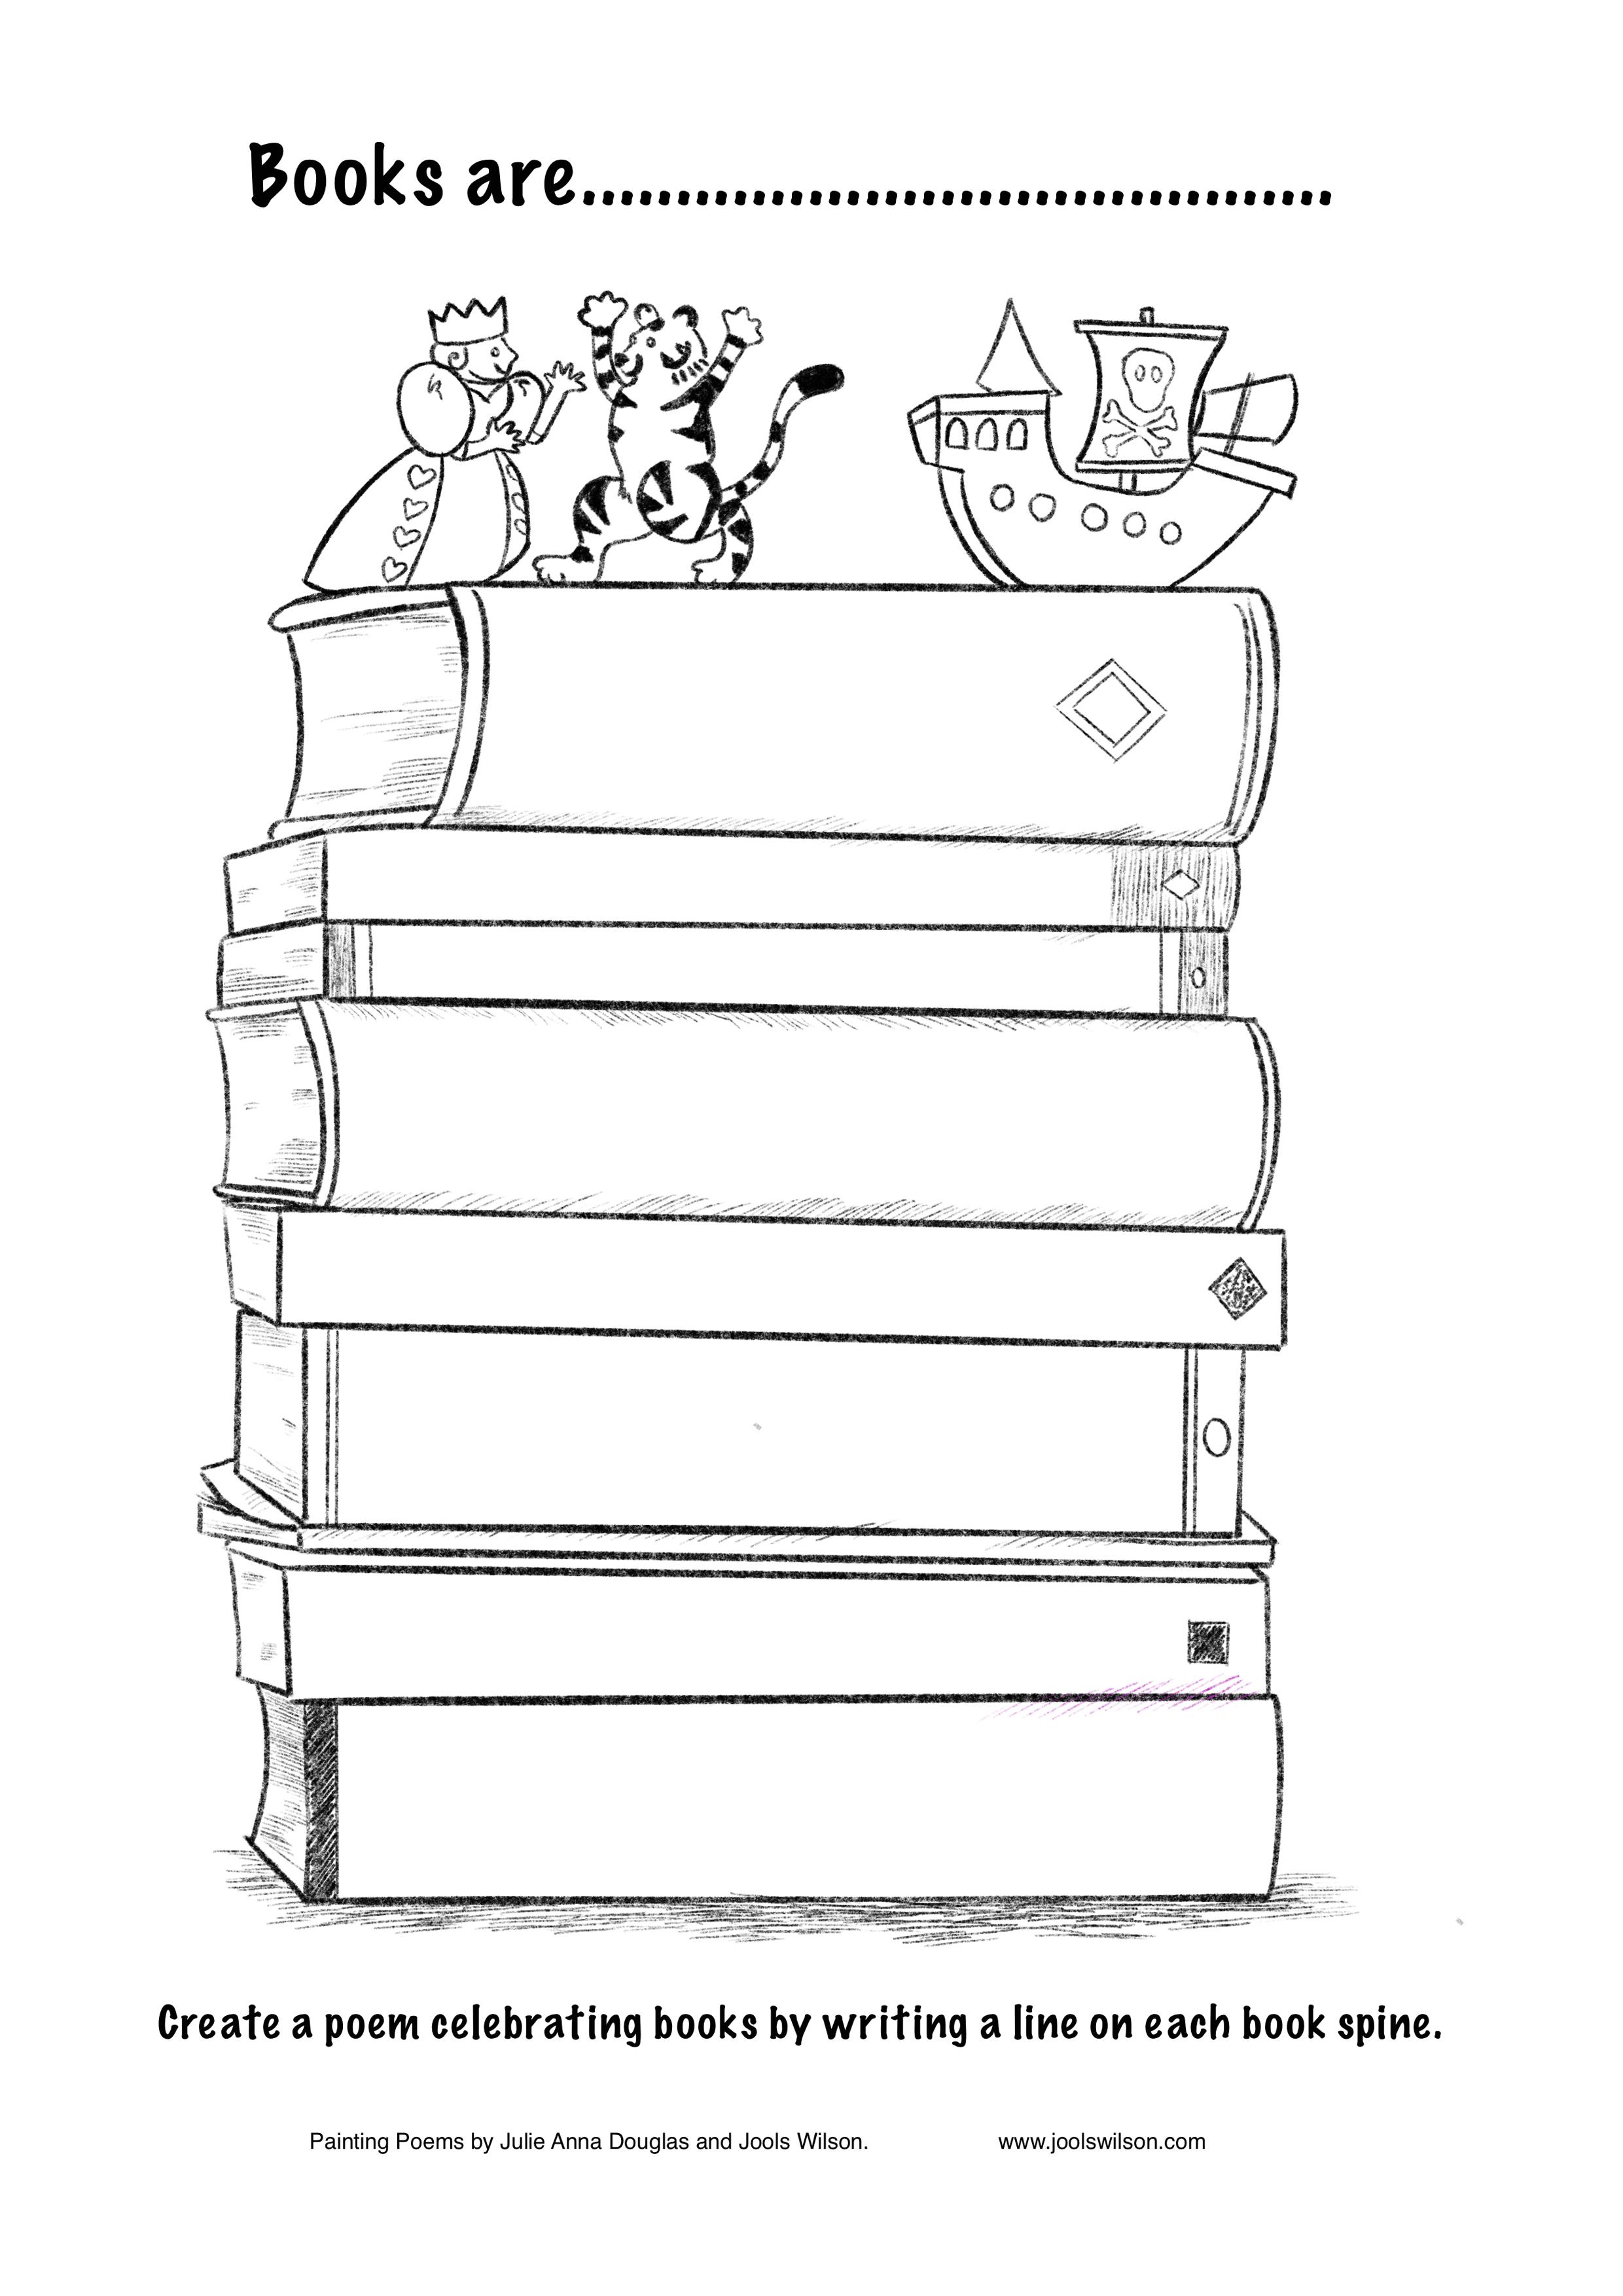 Books_are